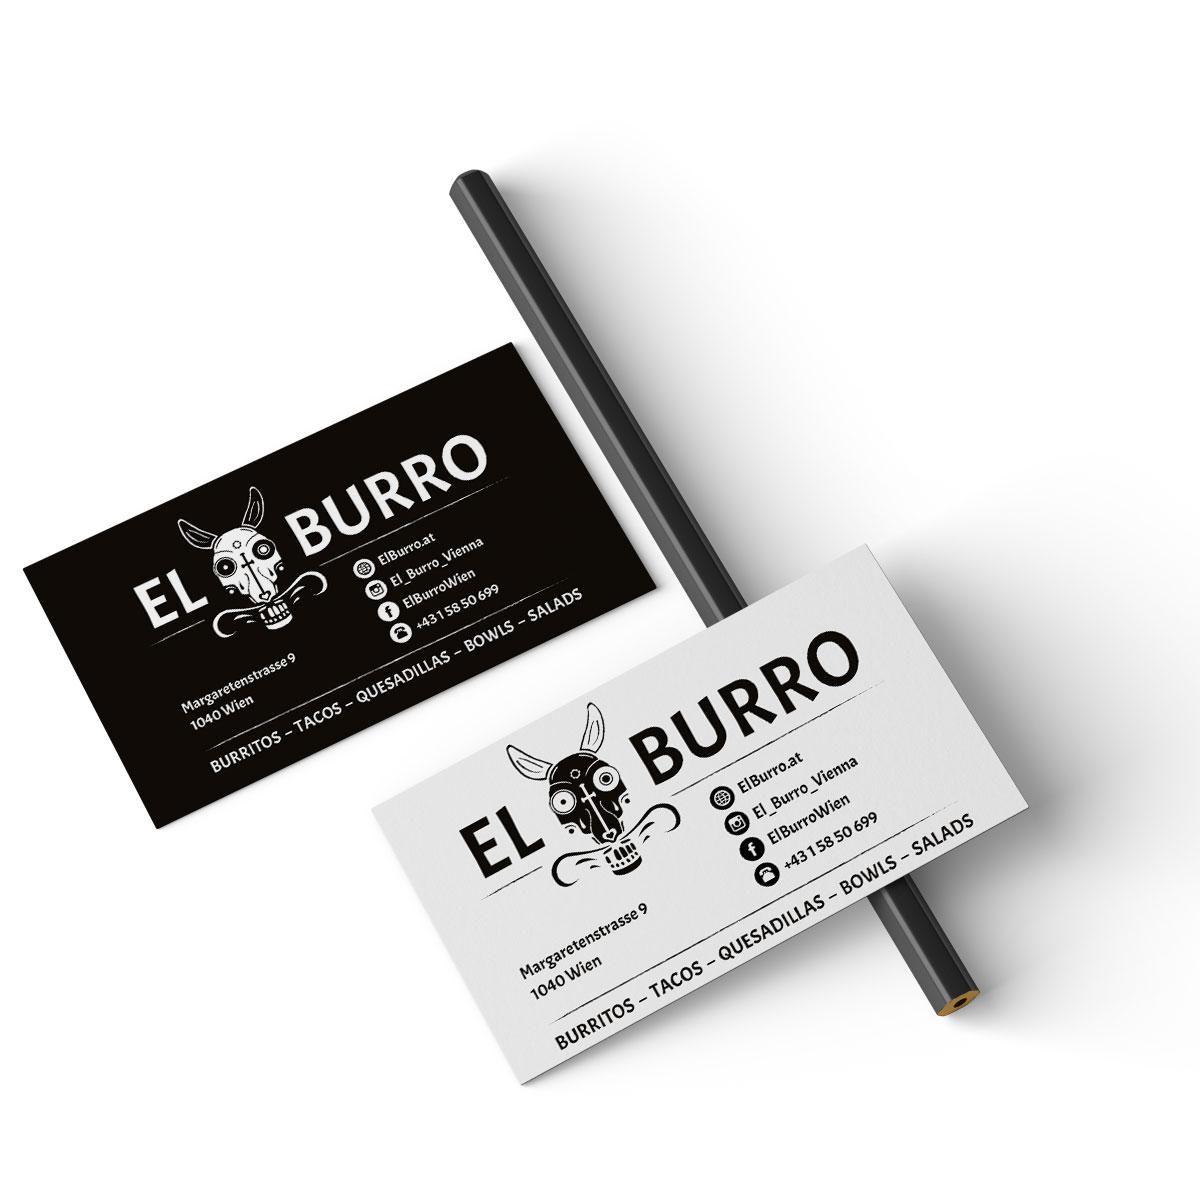 Projekte | El Burro Wien